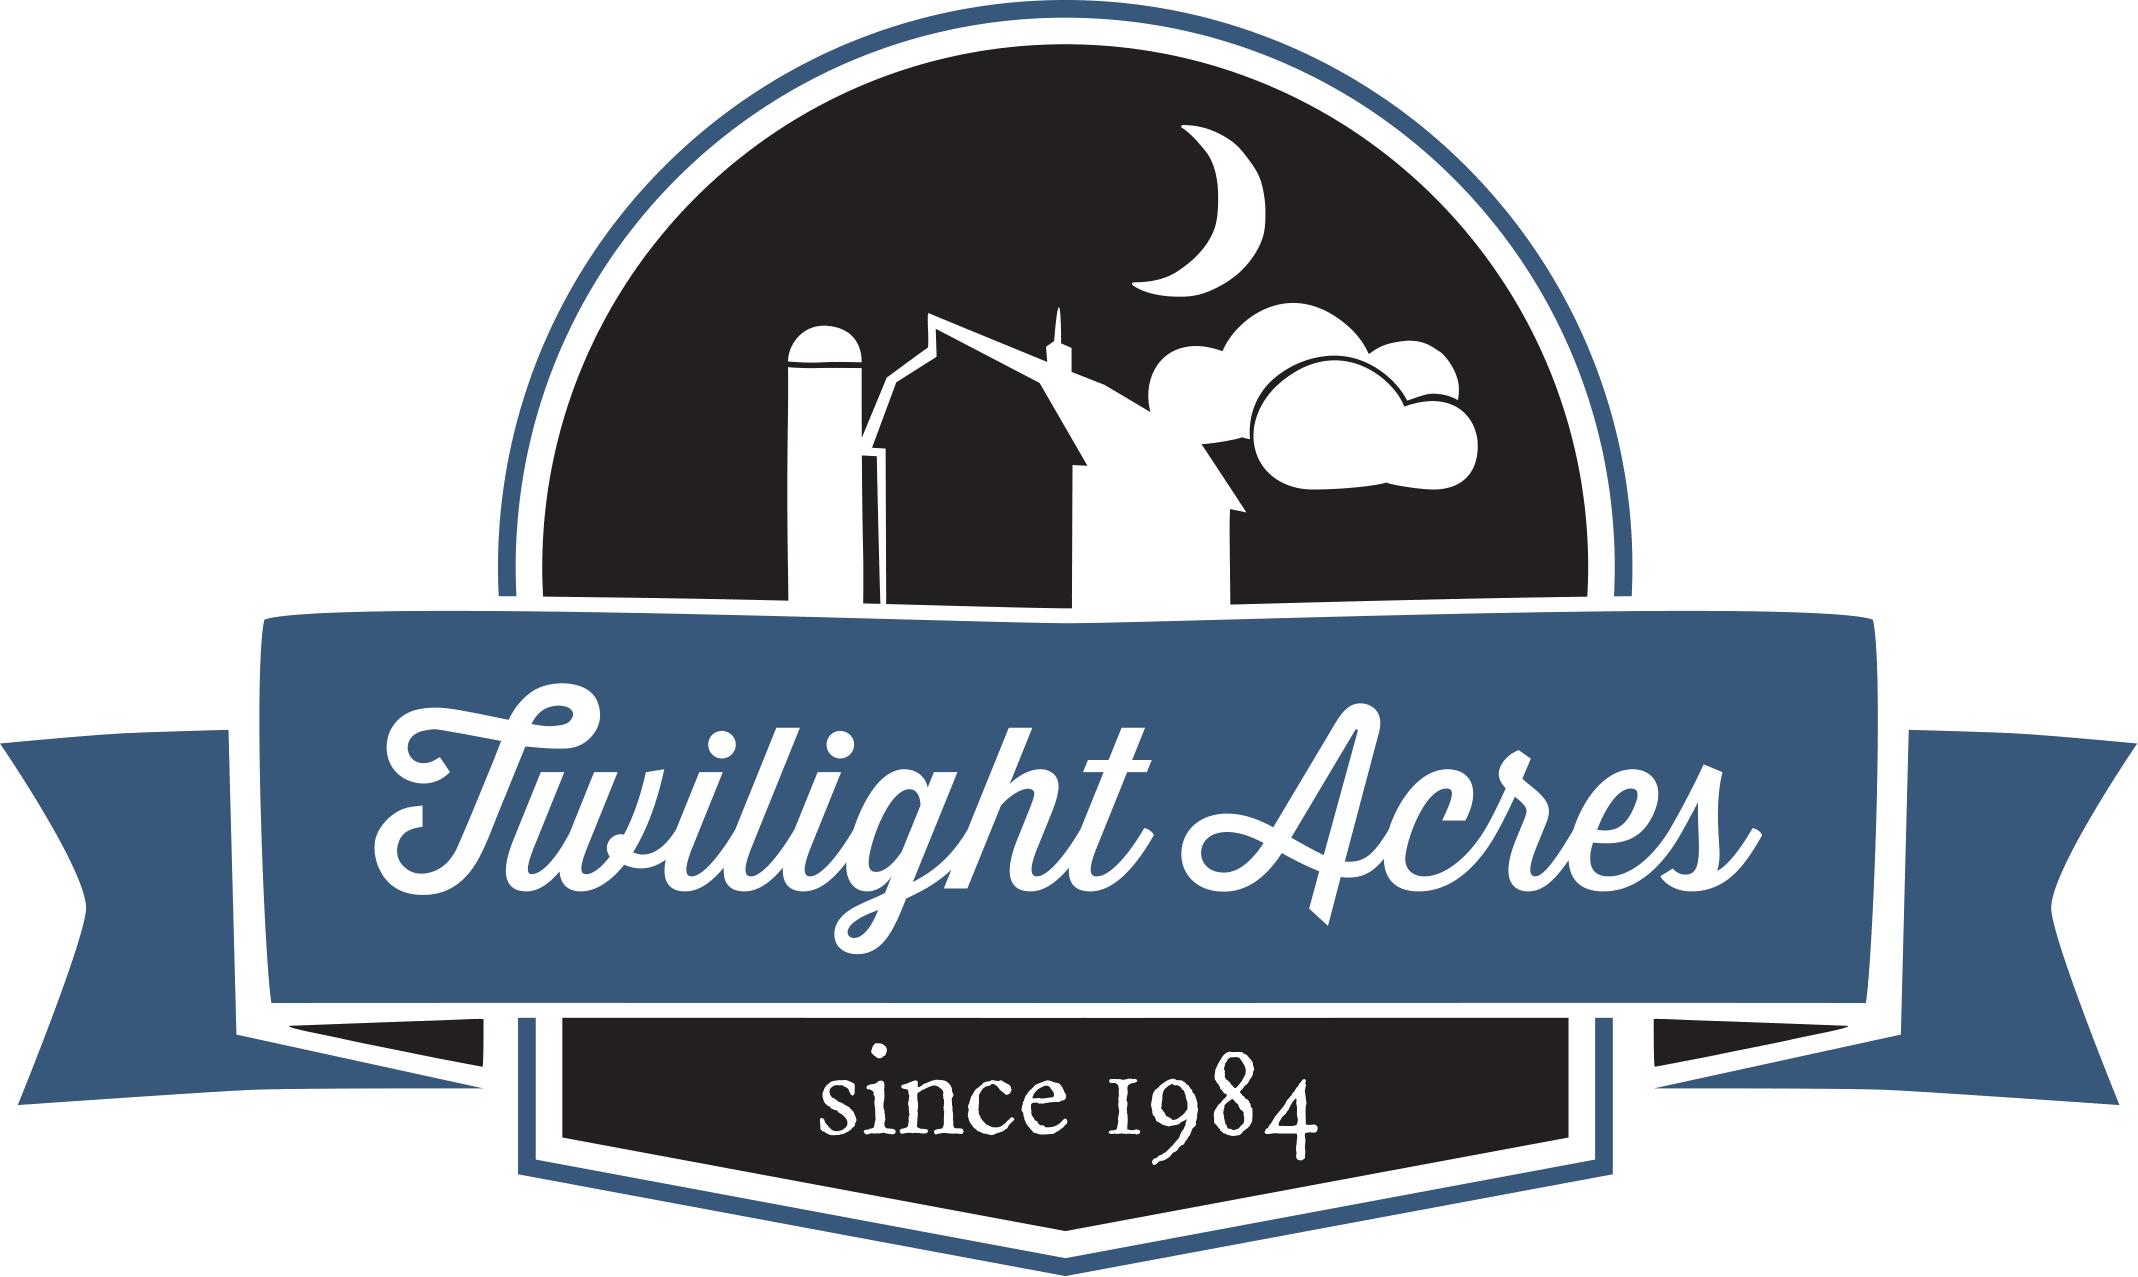 Twilight Acres Creamery